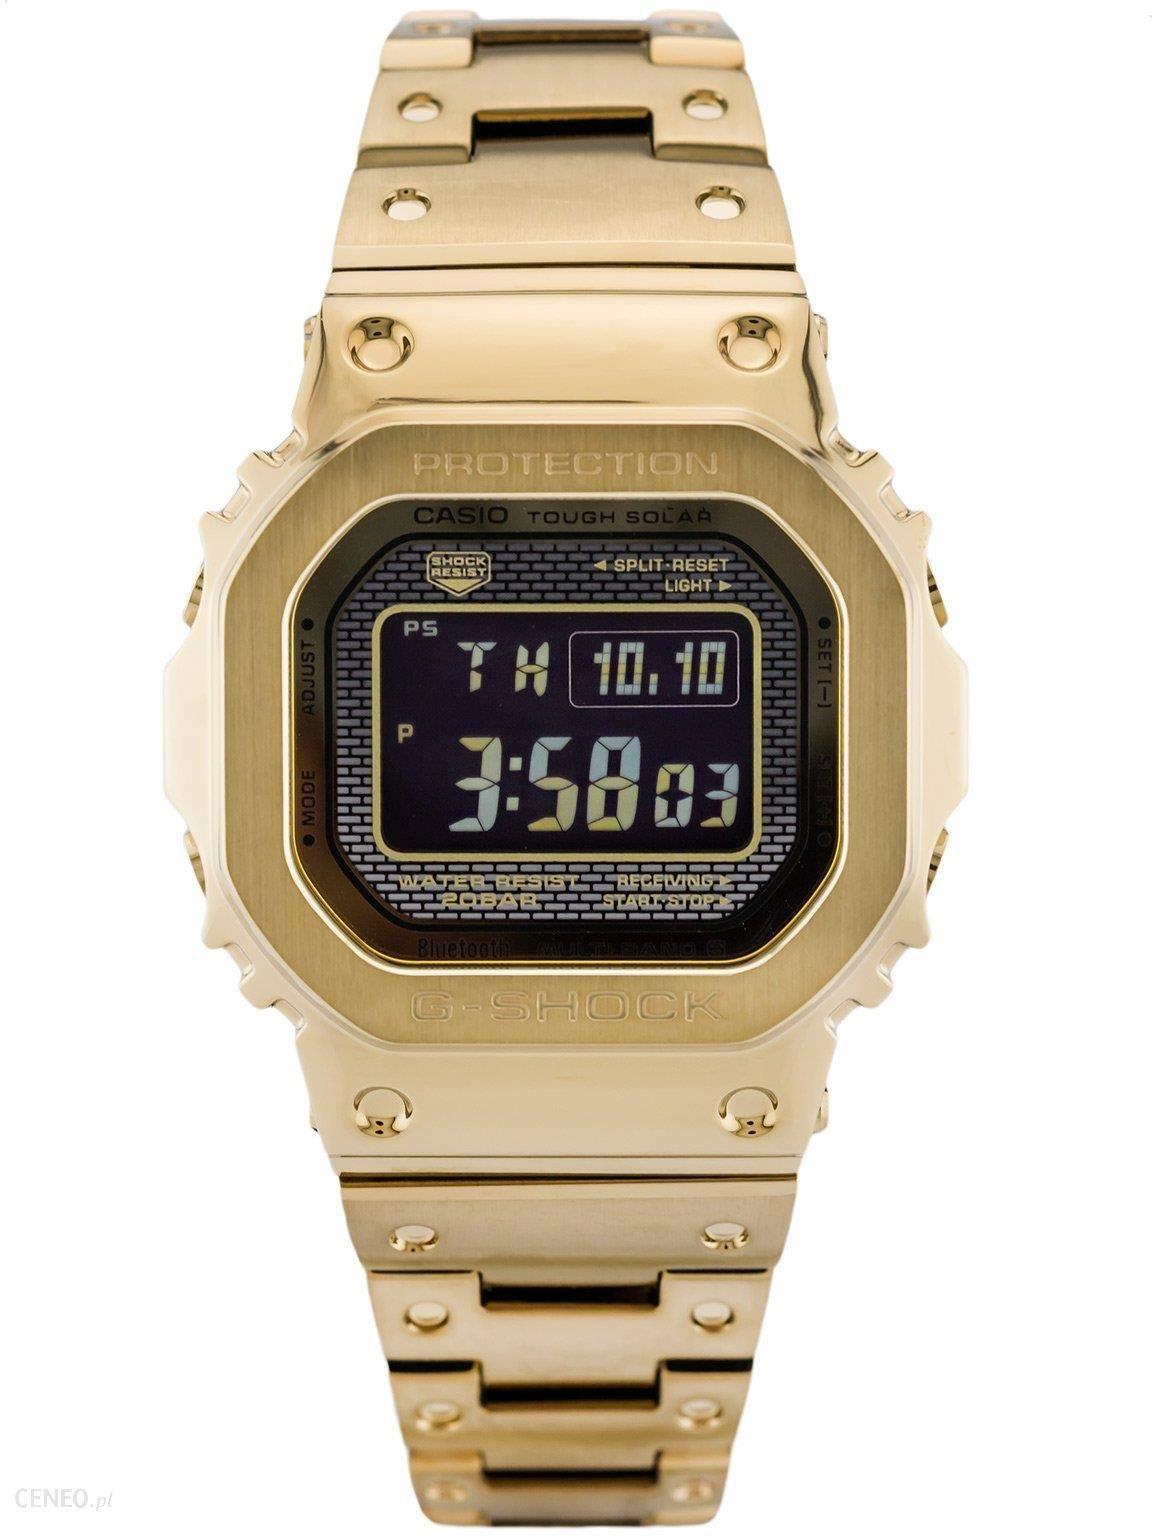 3c5c2f1ae633a0 Casio G-Shock GMW-B5000GD-9ER - Zegarki Męskie - Ceny i opinie ...